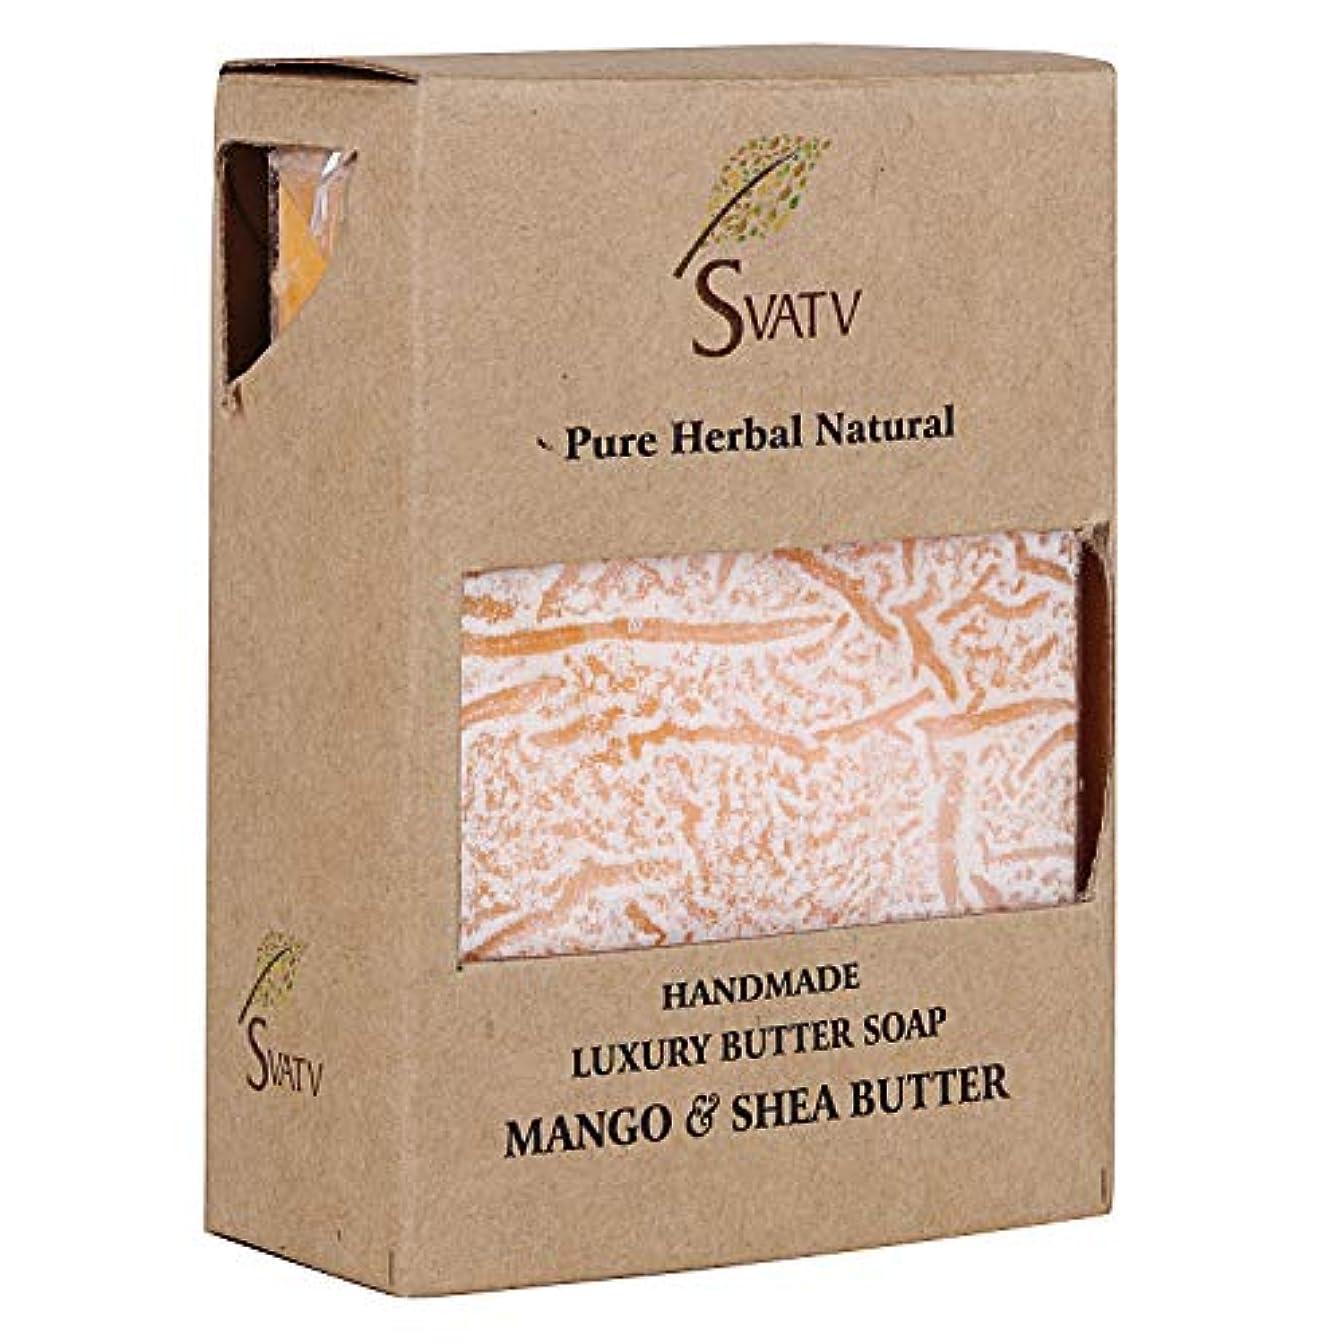 廃棄顧問倍率SVATV Handmade Luxury Butter Soap Mango & Shea Butter For All Skin types 100g Bar